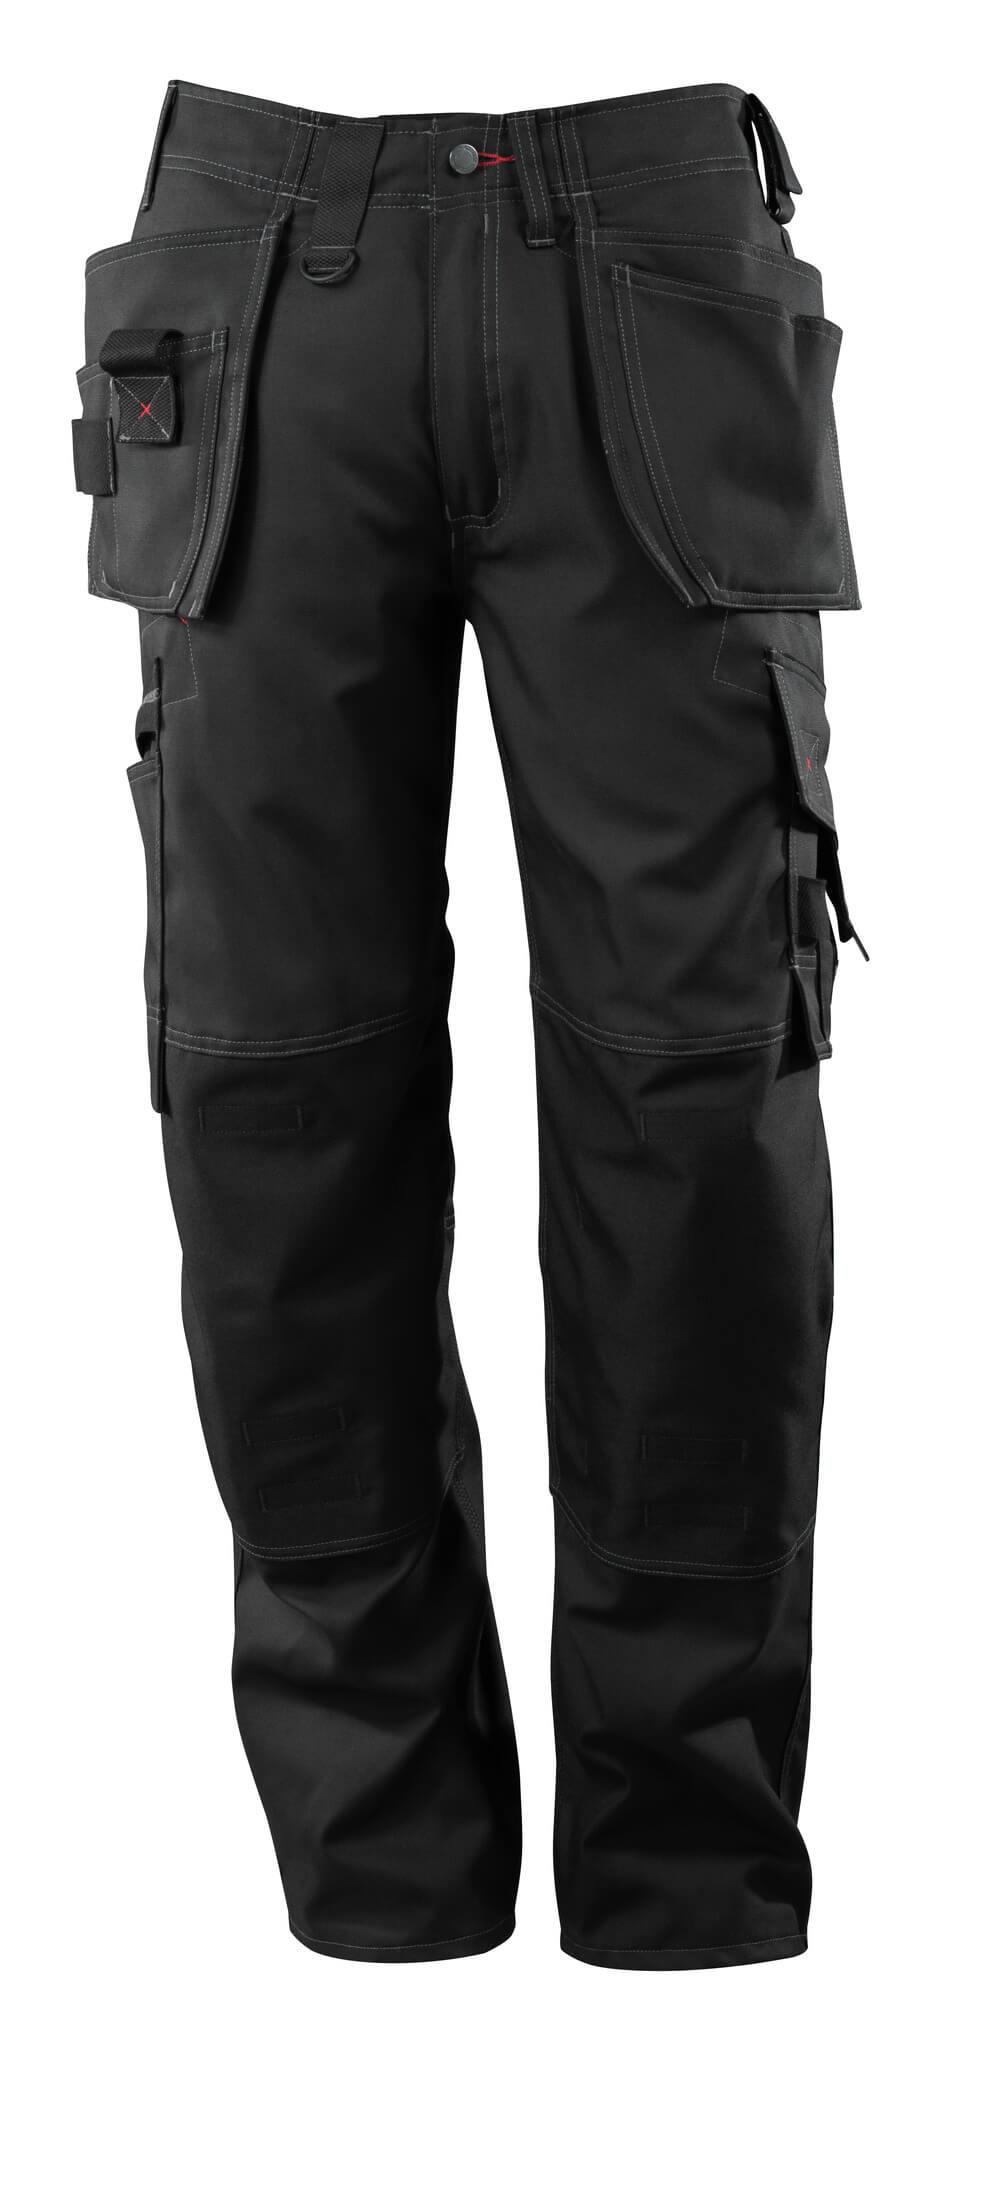 07379-154-09 Bukser med knæ- og hængelommer - sort